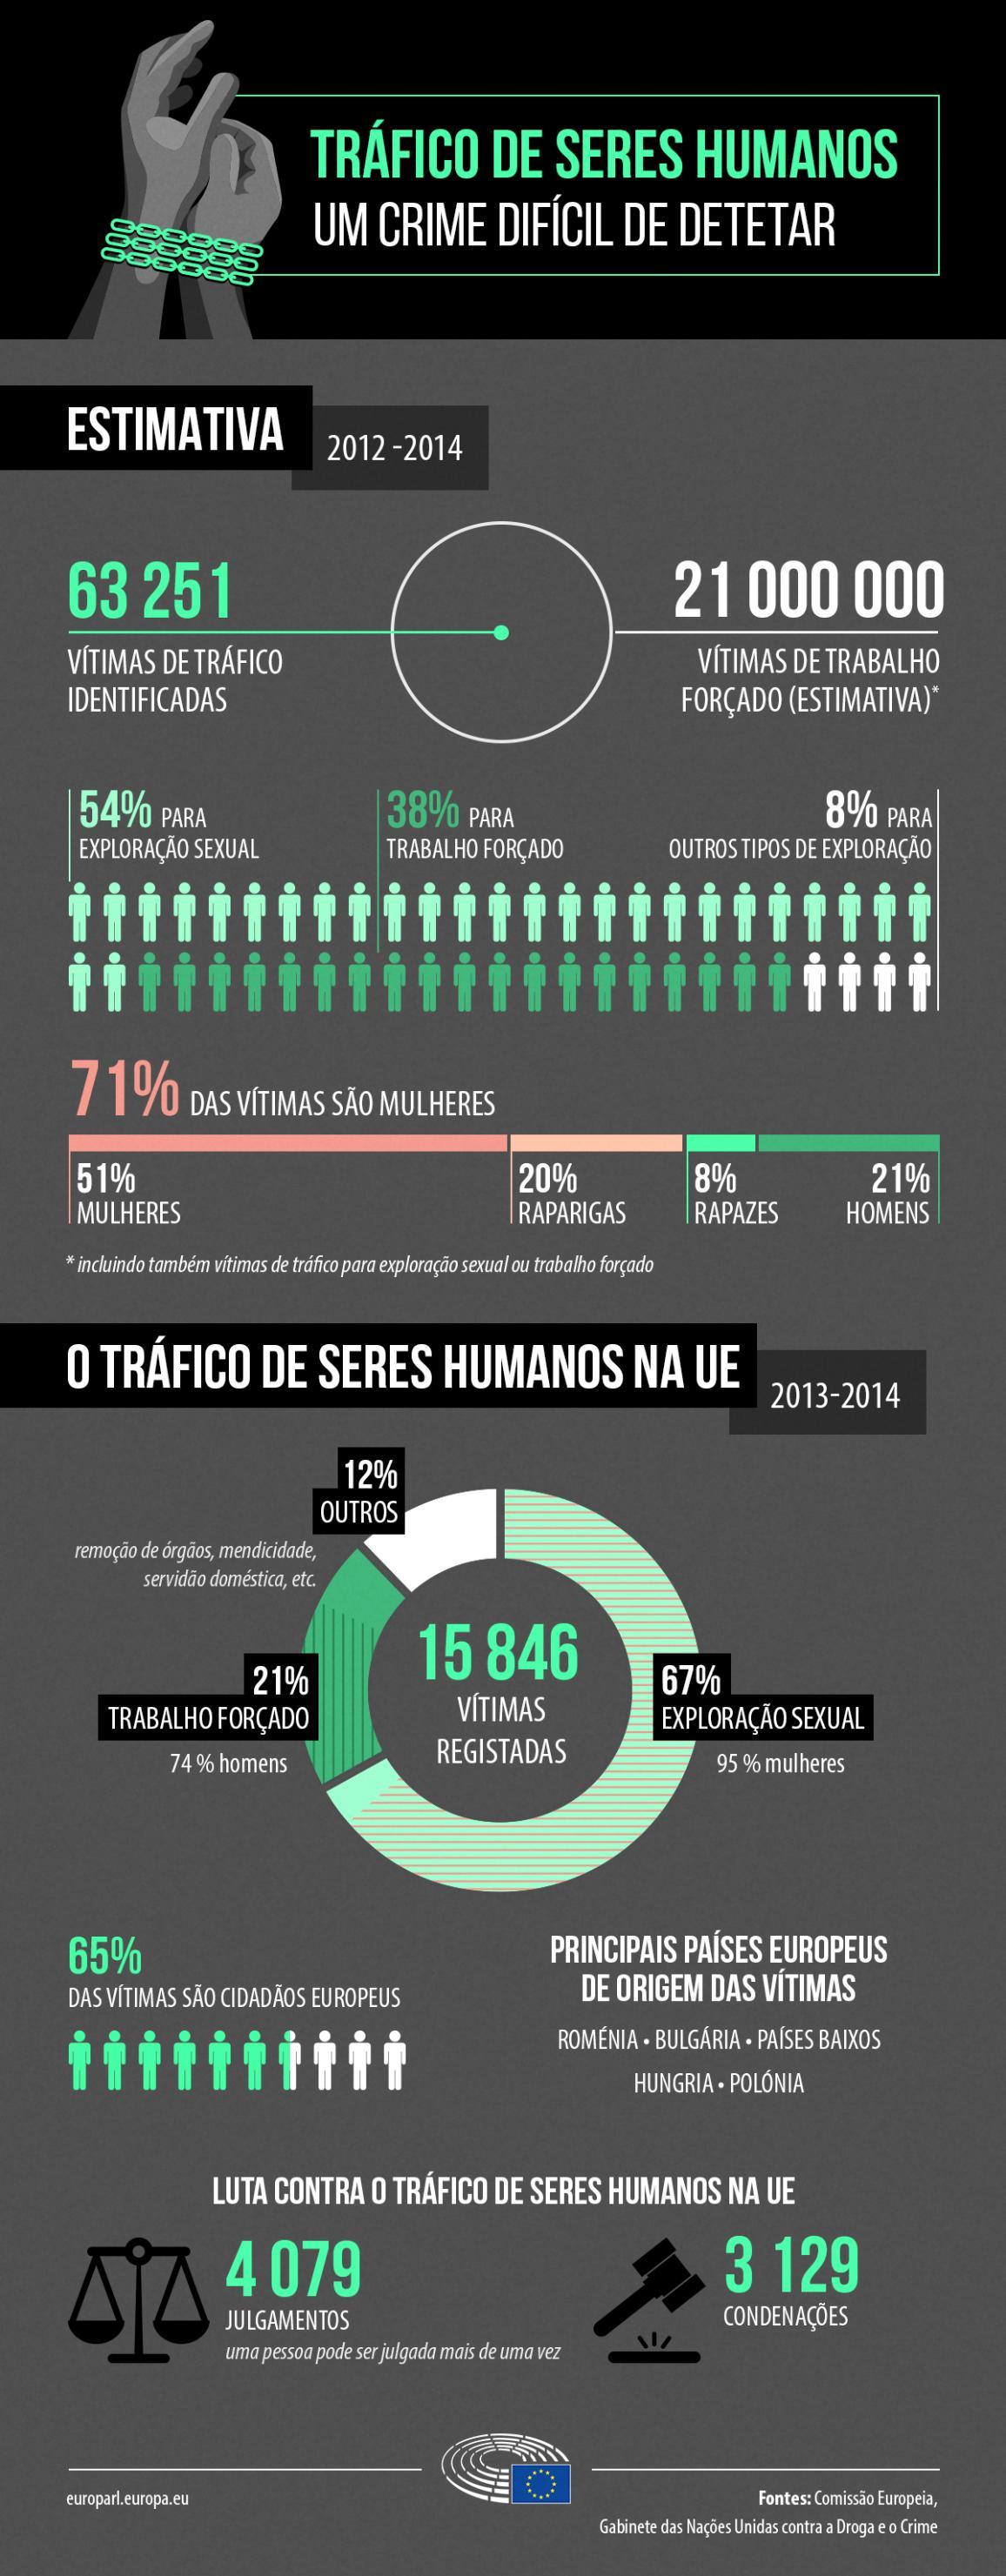 ilustração com dados sobre o tráfico de seres humanos